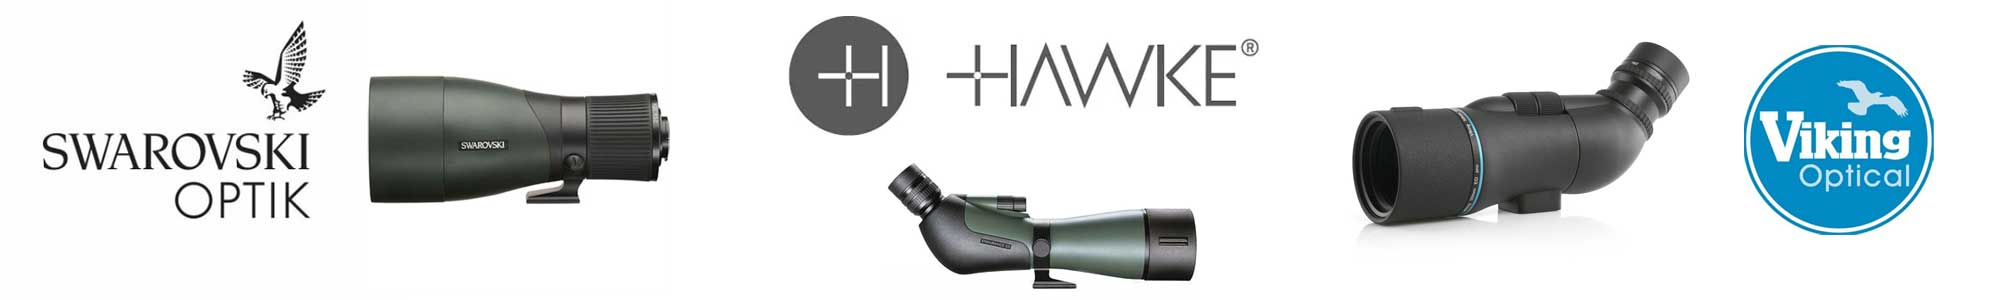 Range of spotting scopes from Swarvoski, Viking Optical and Hawke.